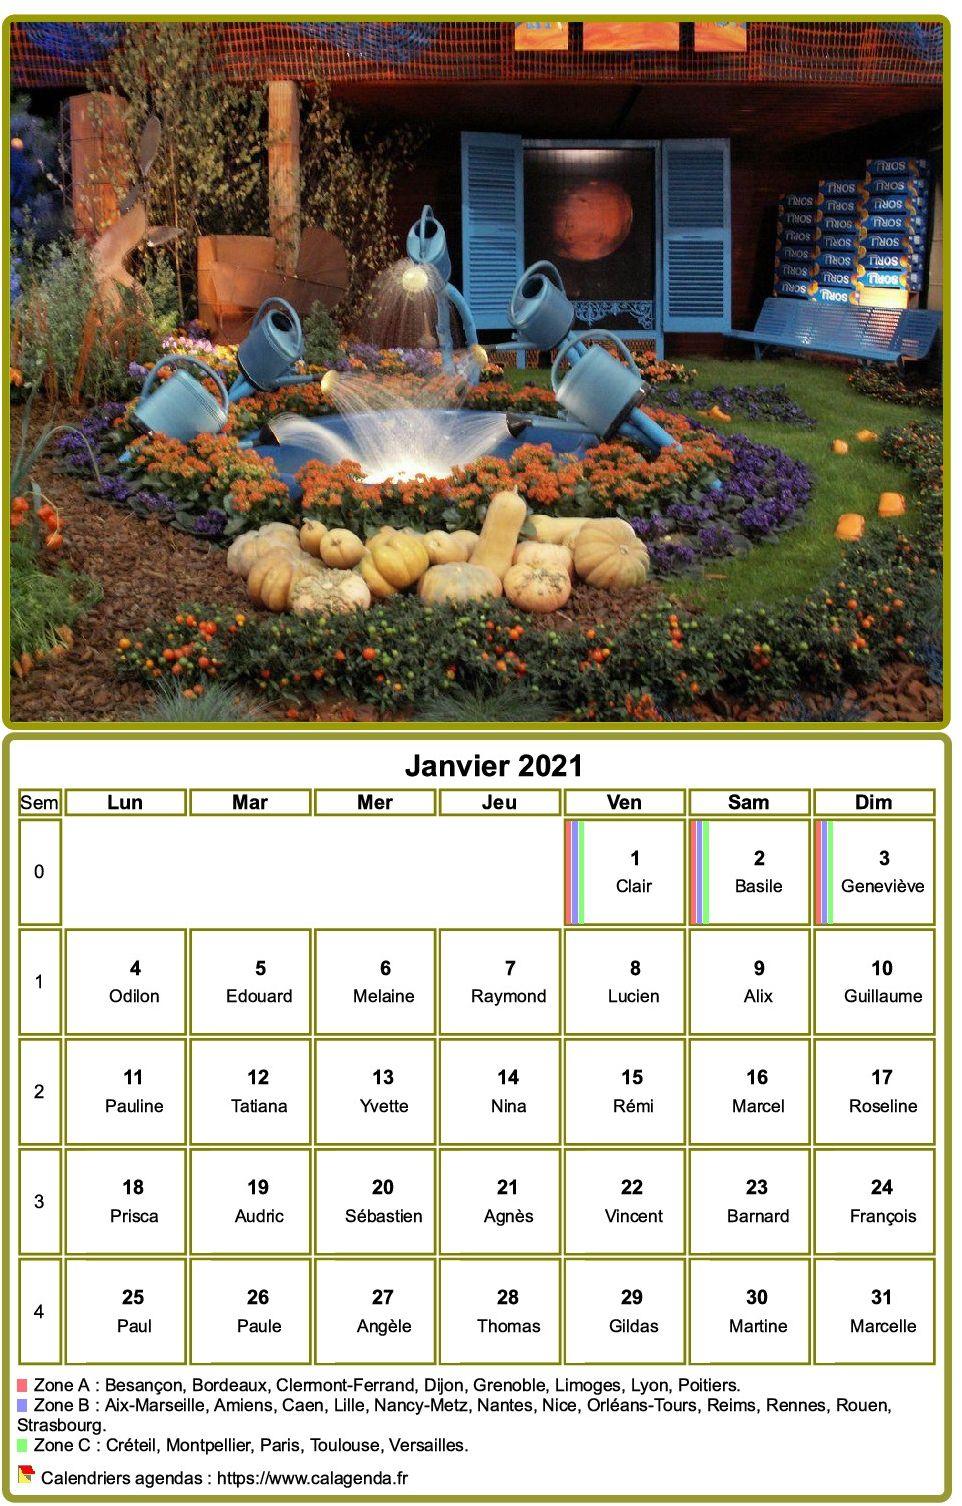 Calendrier 2021 à imprimer, mensuel, avec photographie au dessus